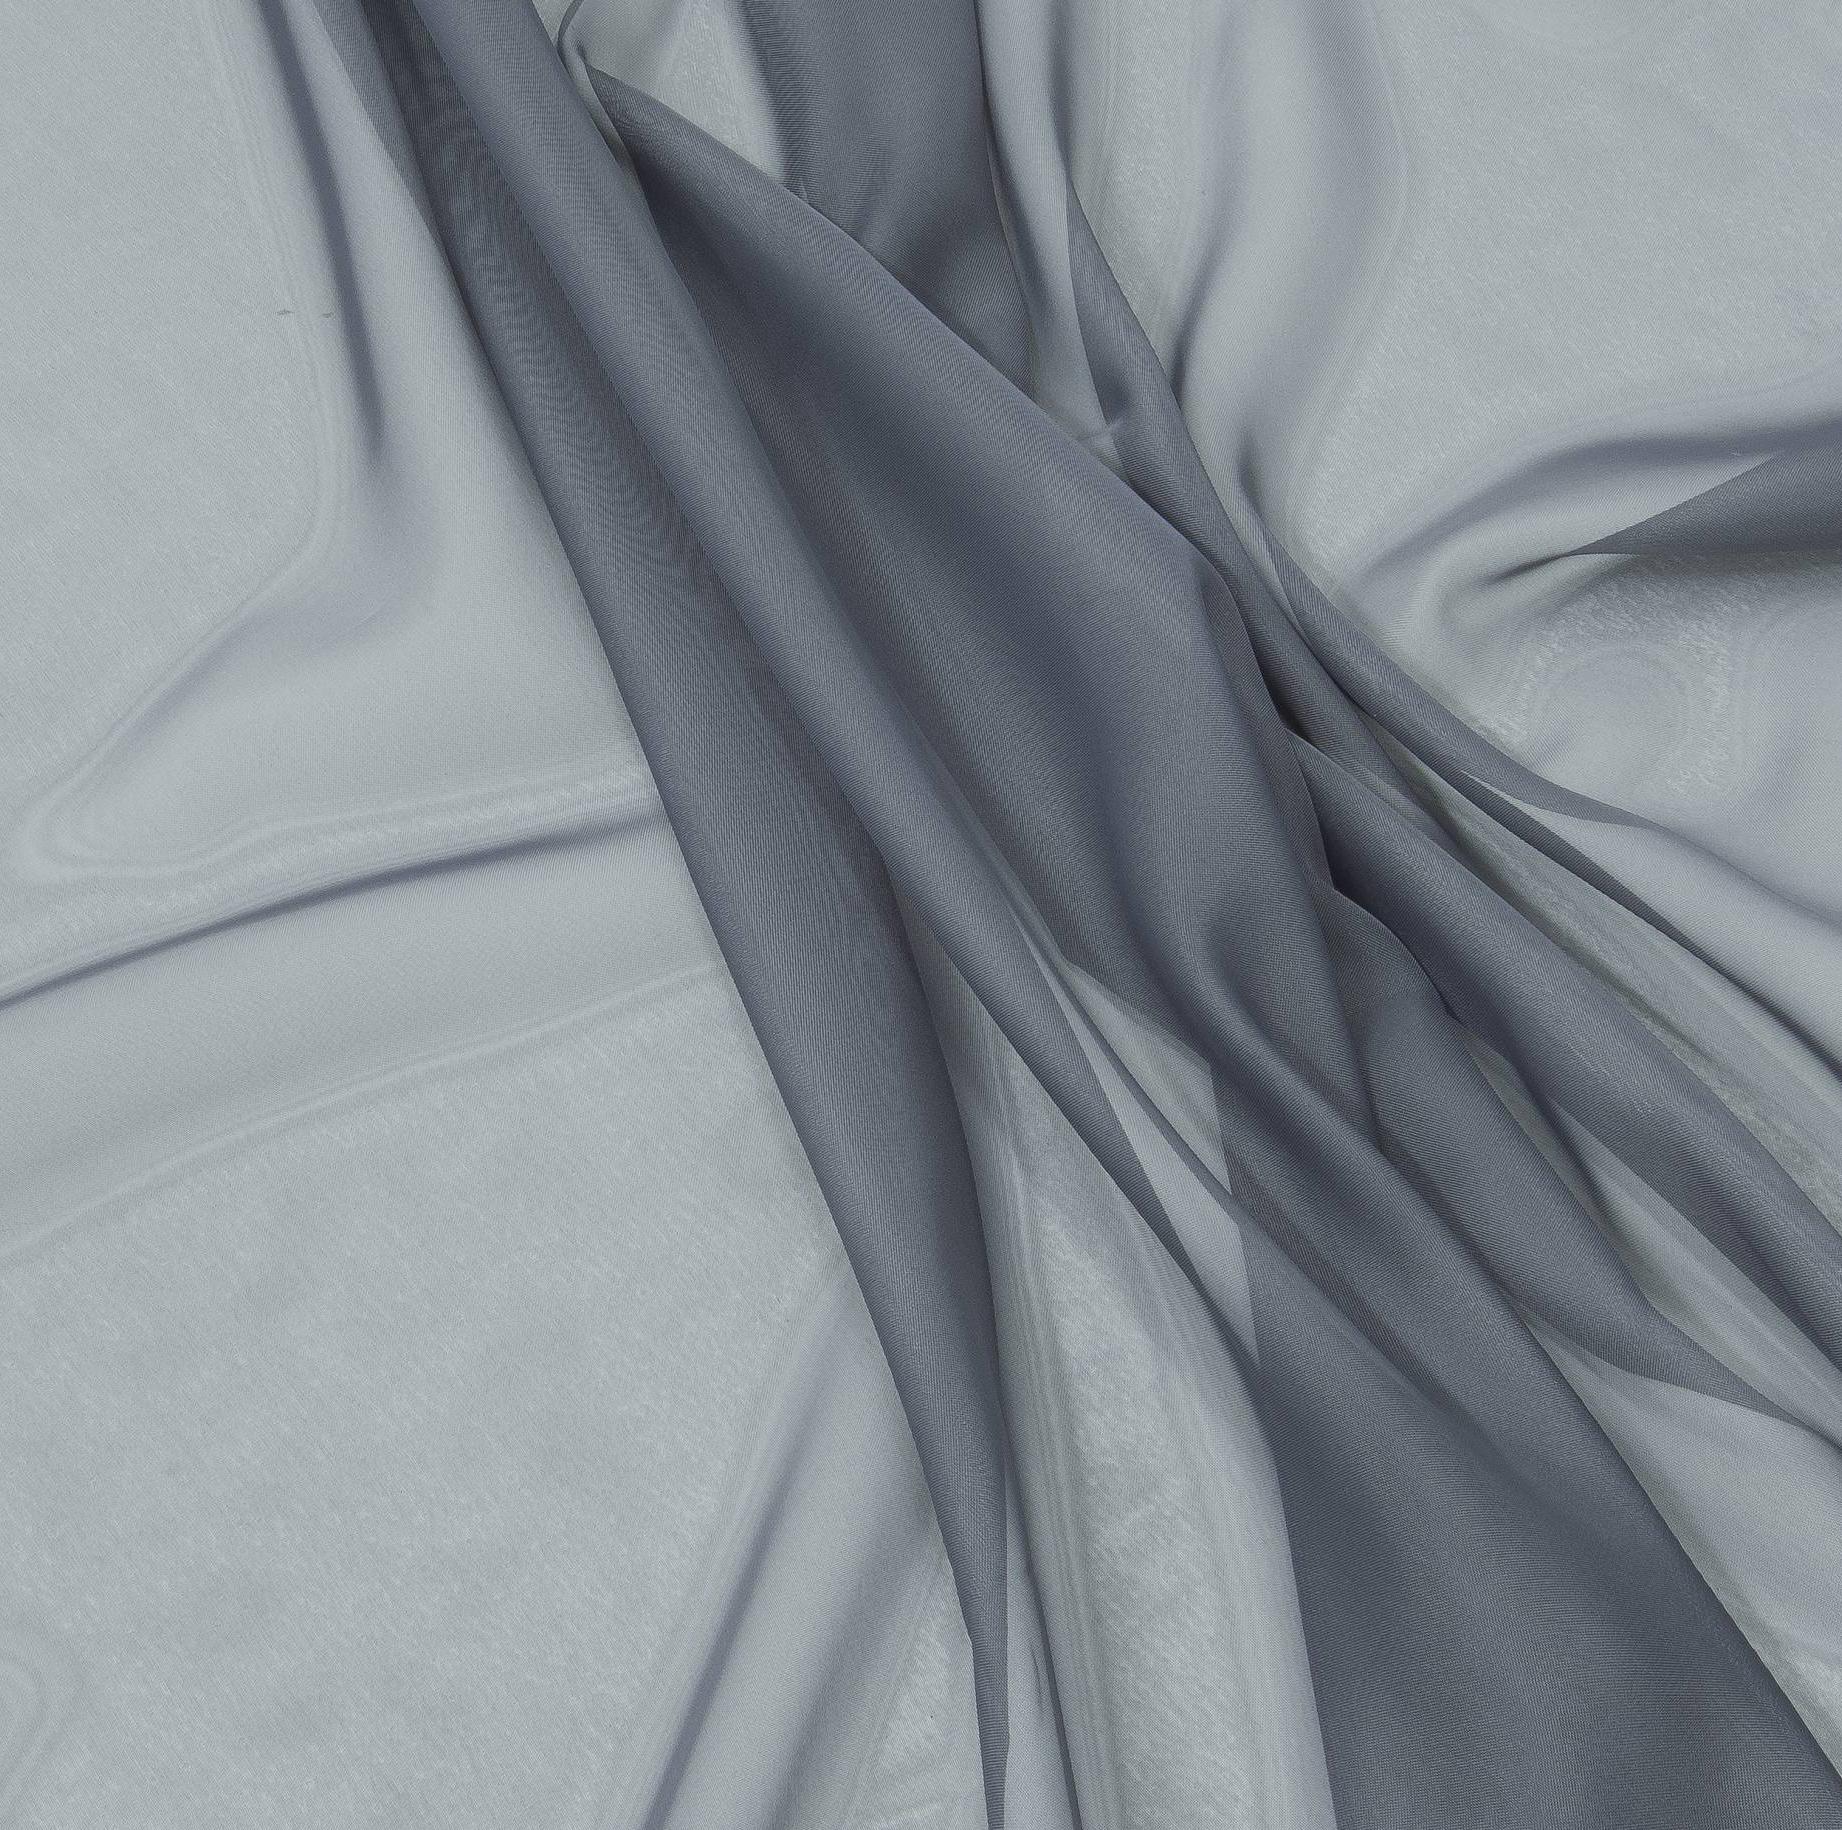 купить ткань вуаль или органзу